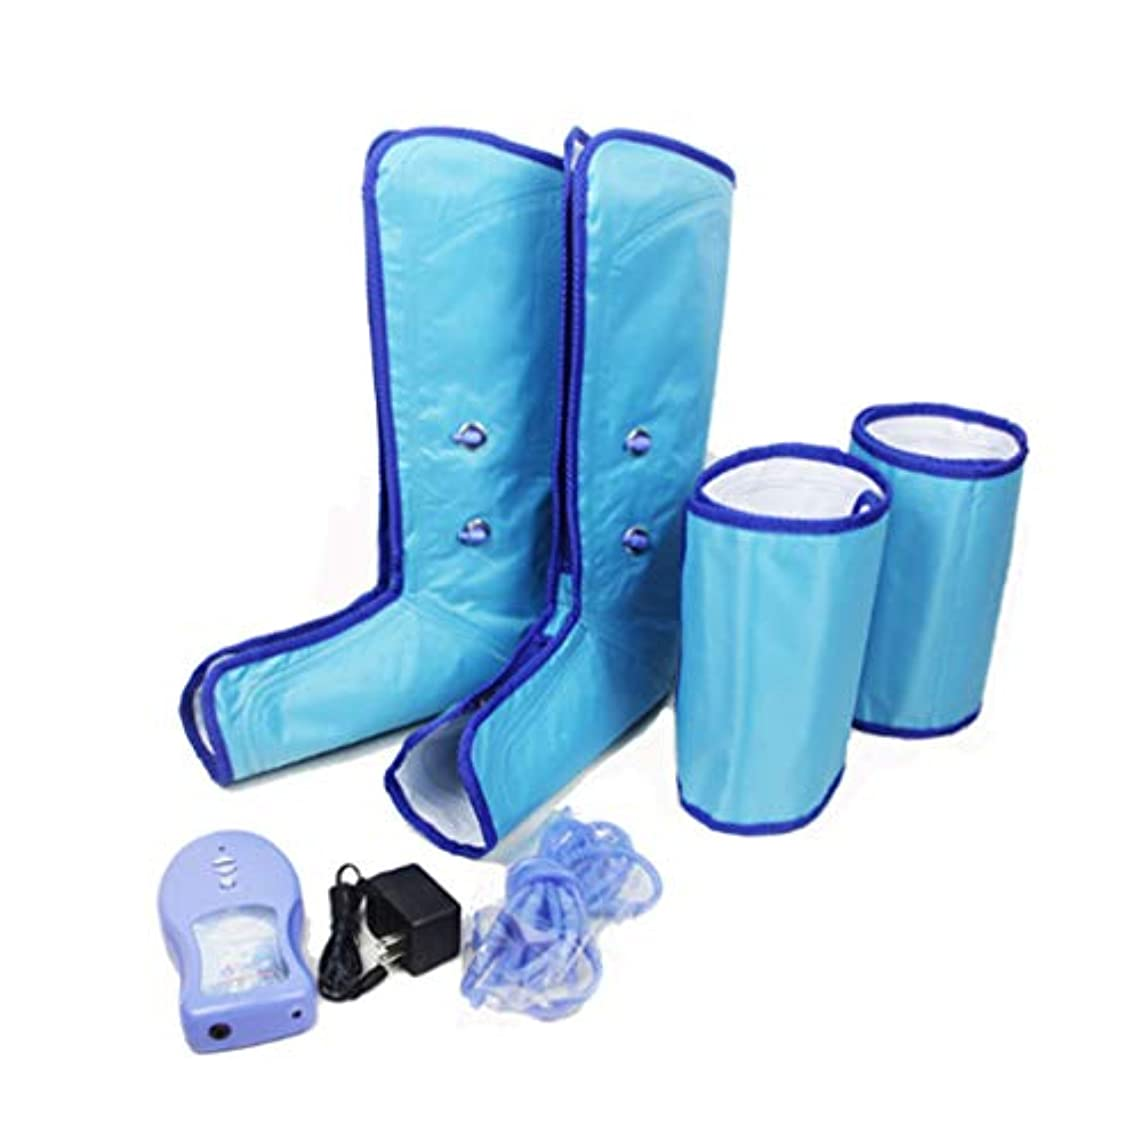 バイパス緯度できた循環および筋肉苦痛救助のための空気圧縮の足覆いのマッサージャー、足のふくらはぎおよび腿の循環のMassagetherapyの足の暖かい人